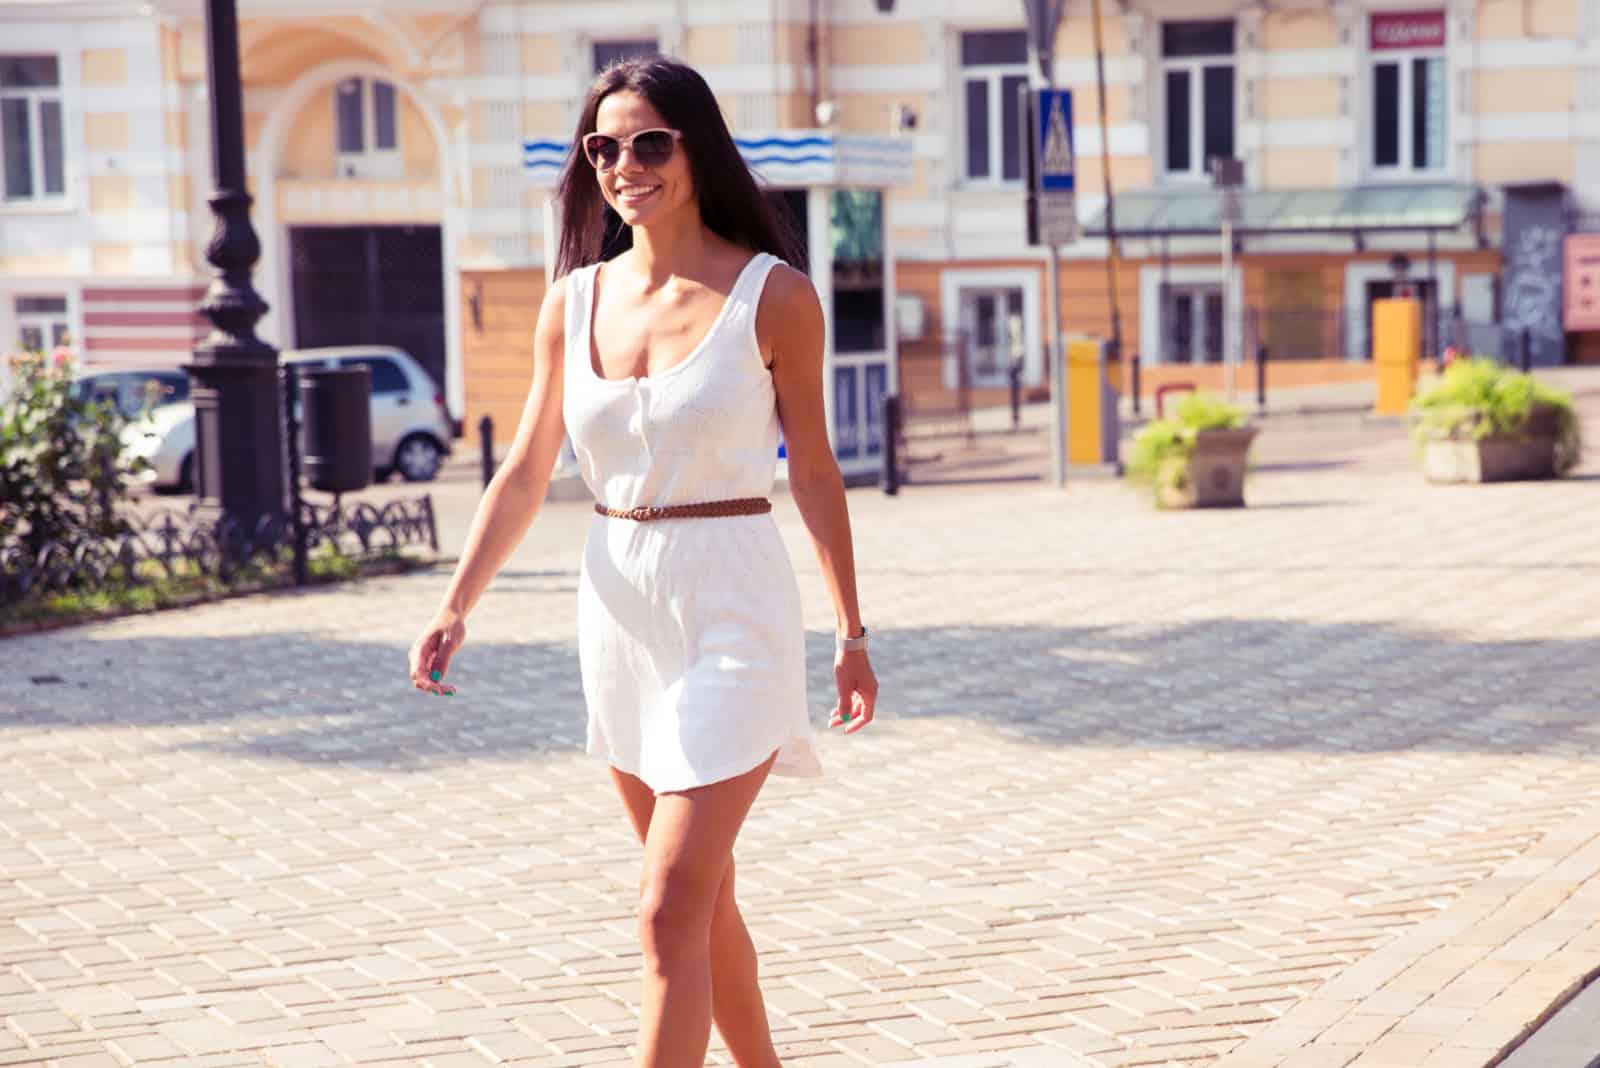 une belle femme vêtue d'une robe blanche marche dans la rue